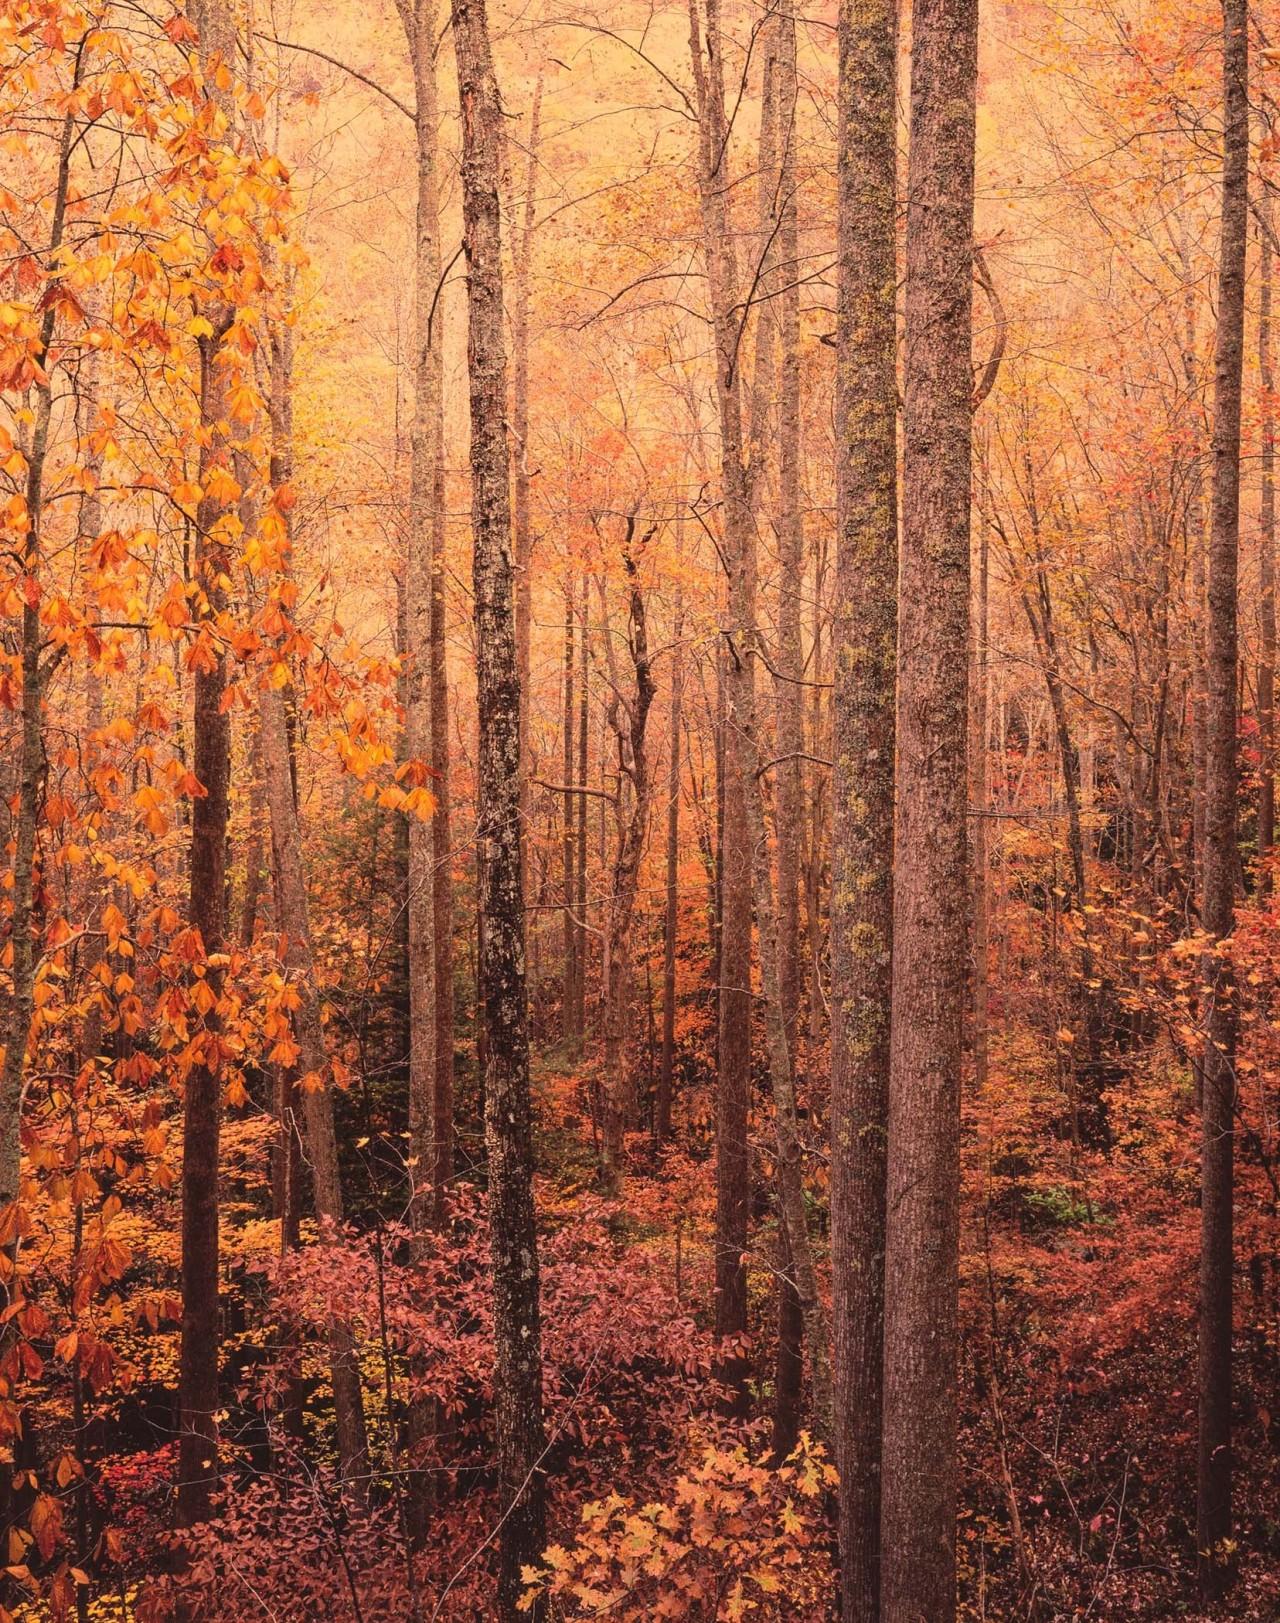 Аппалачский лес. Автор Кристофер Бёркетт